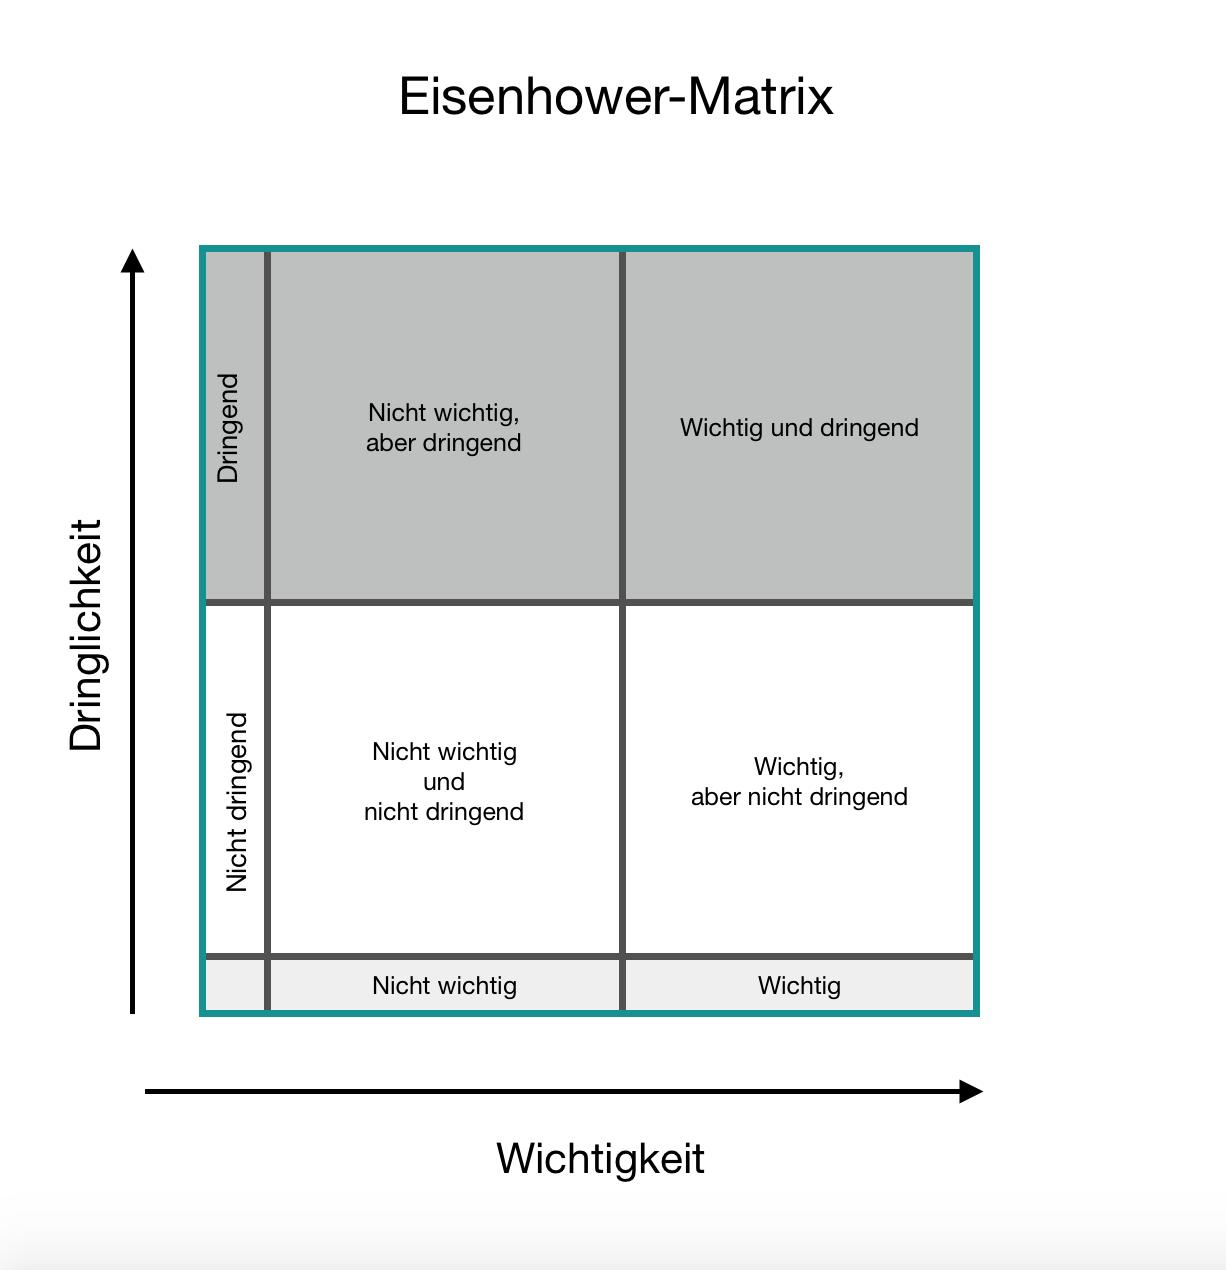 Eisenhower-Matrix, Familienleben entspannter gestalten, Abenteuer Familienleben